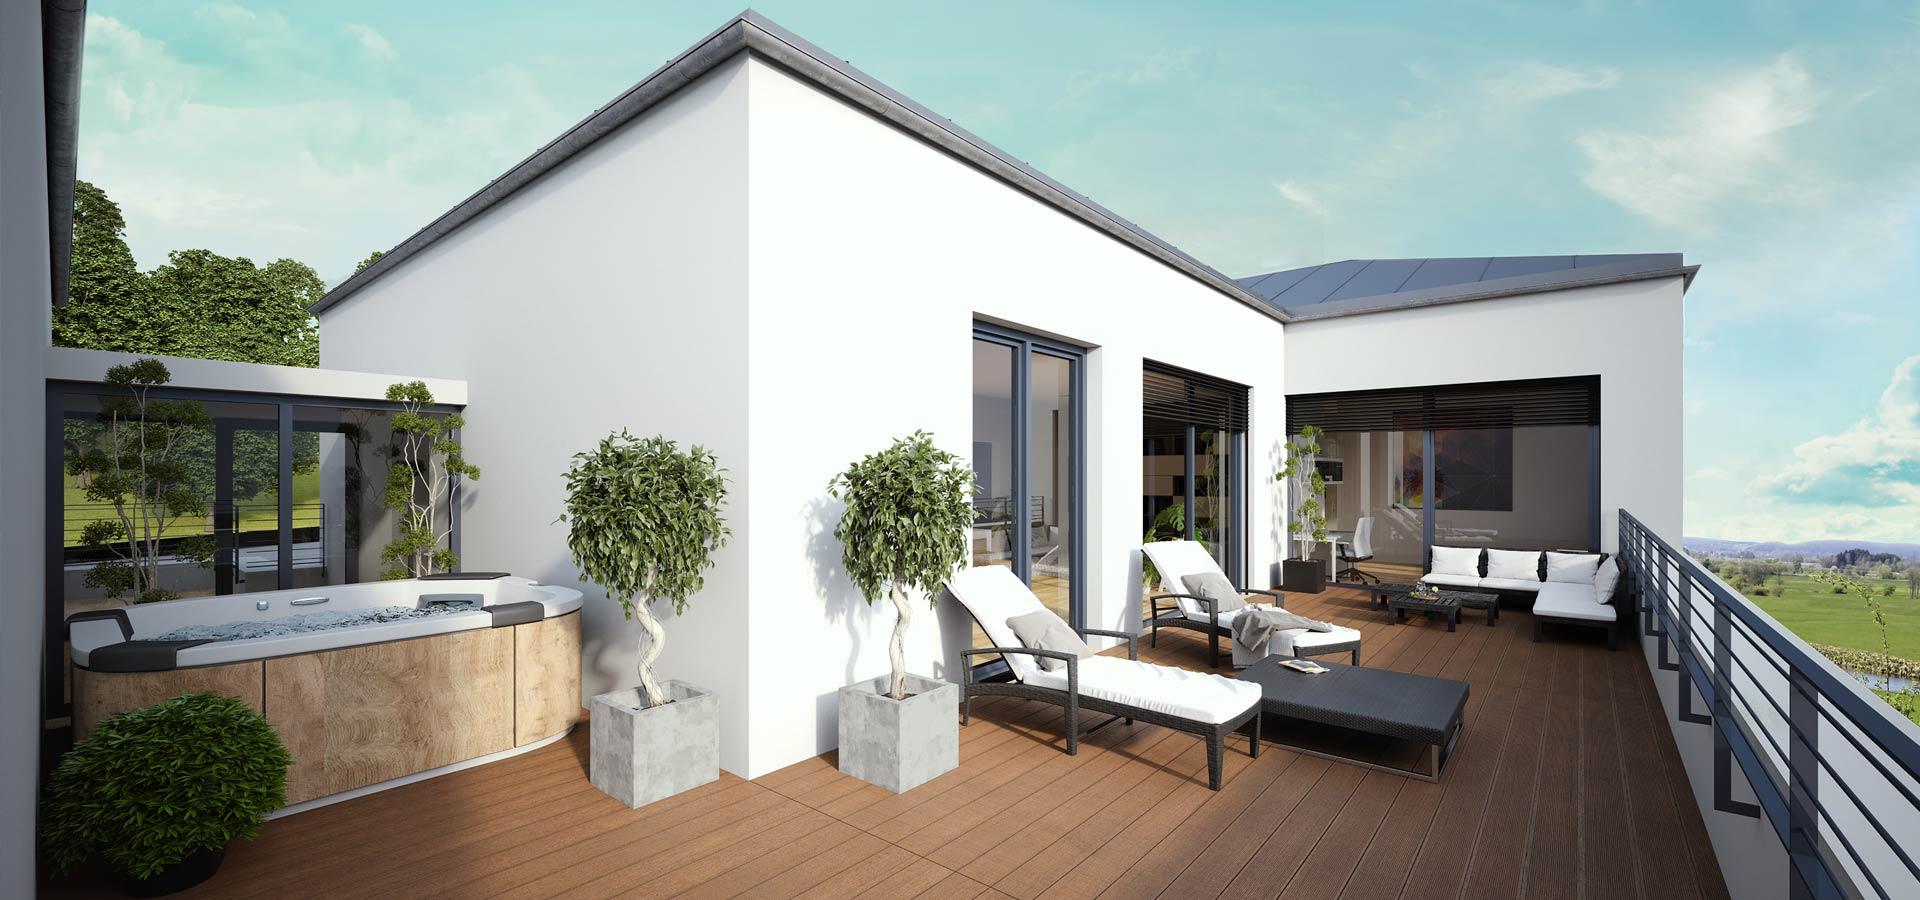 OPUS Marketing / Immobilienmarketing / Visualisierung / Dachterrasse